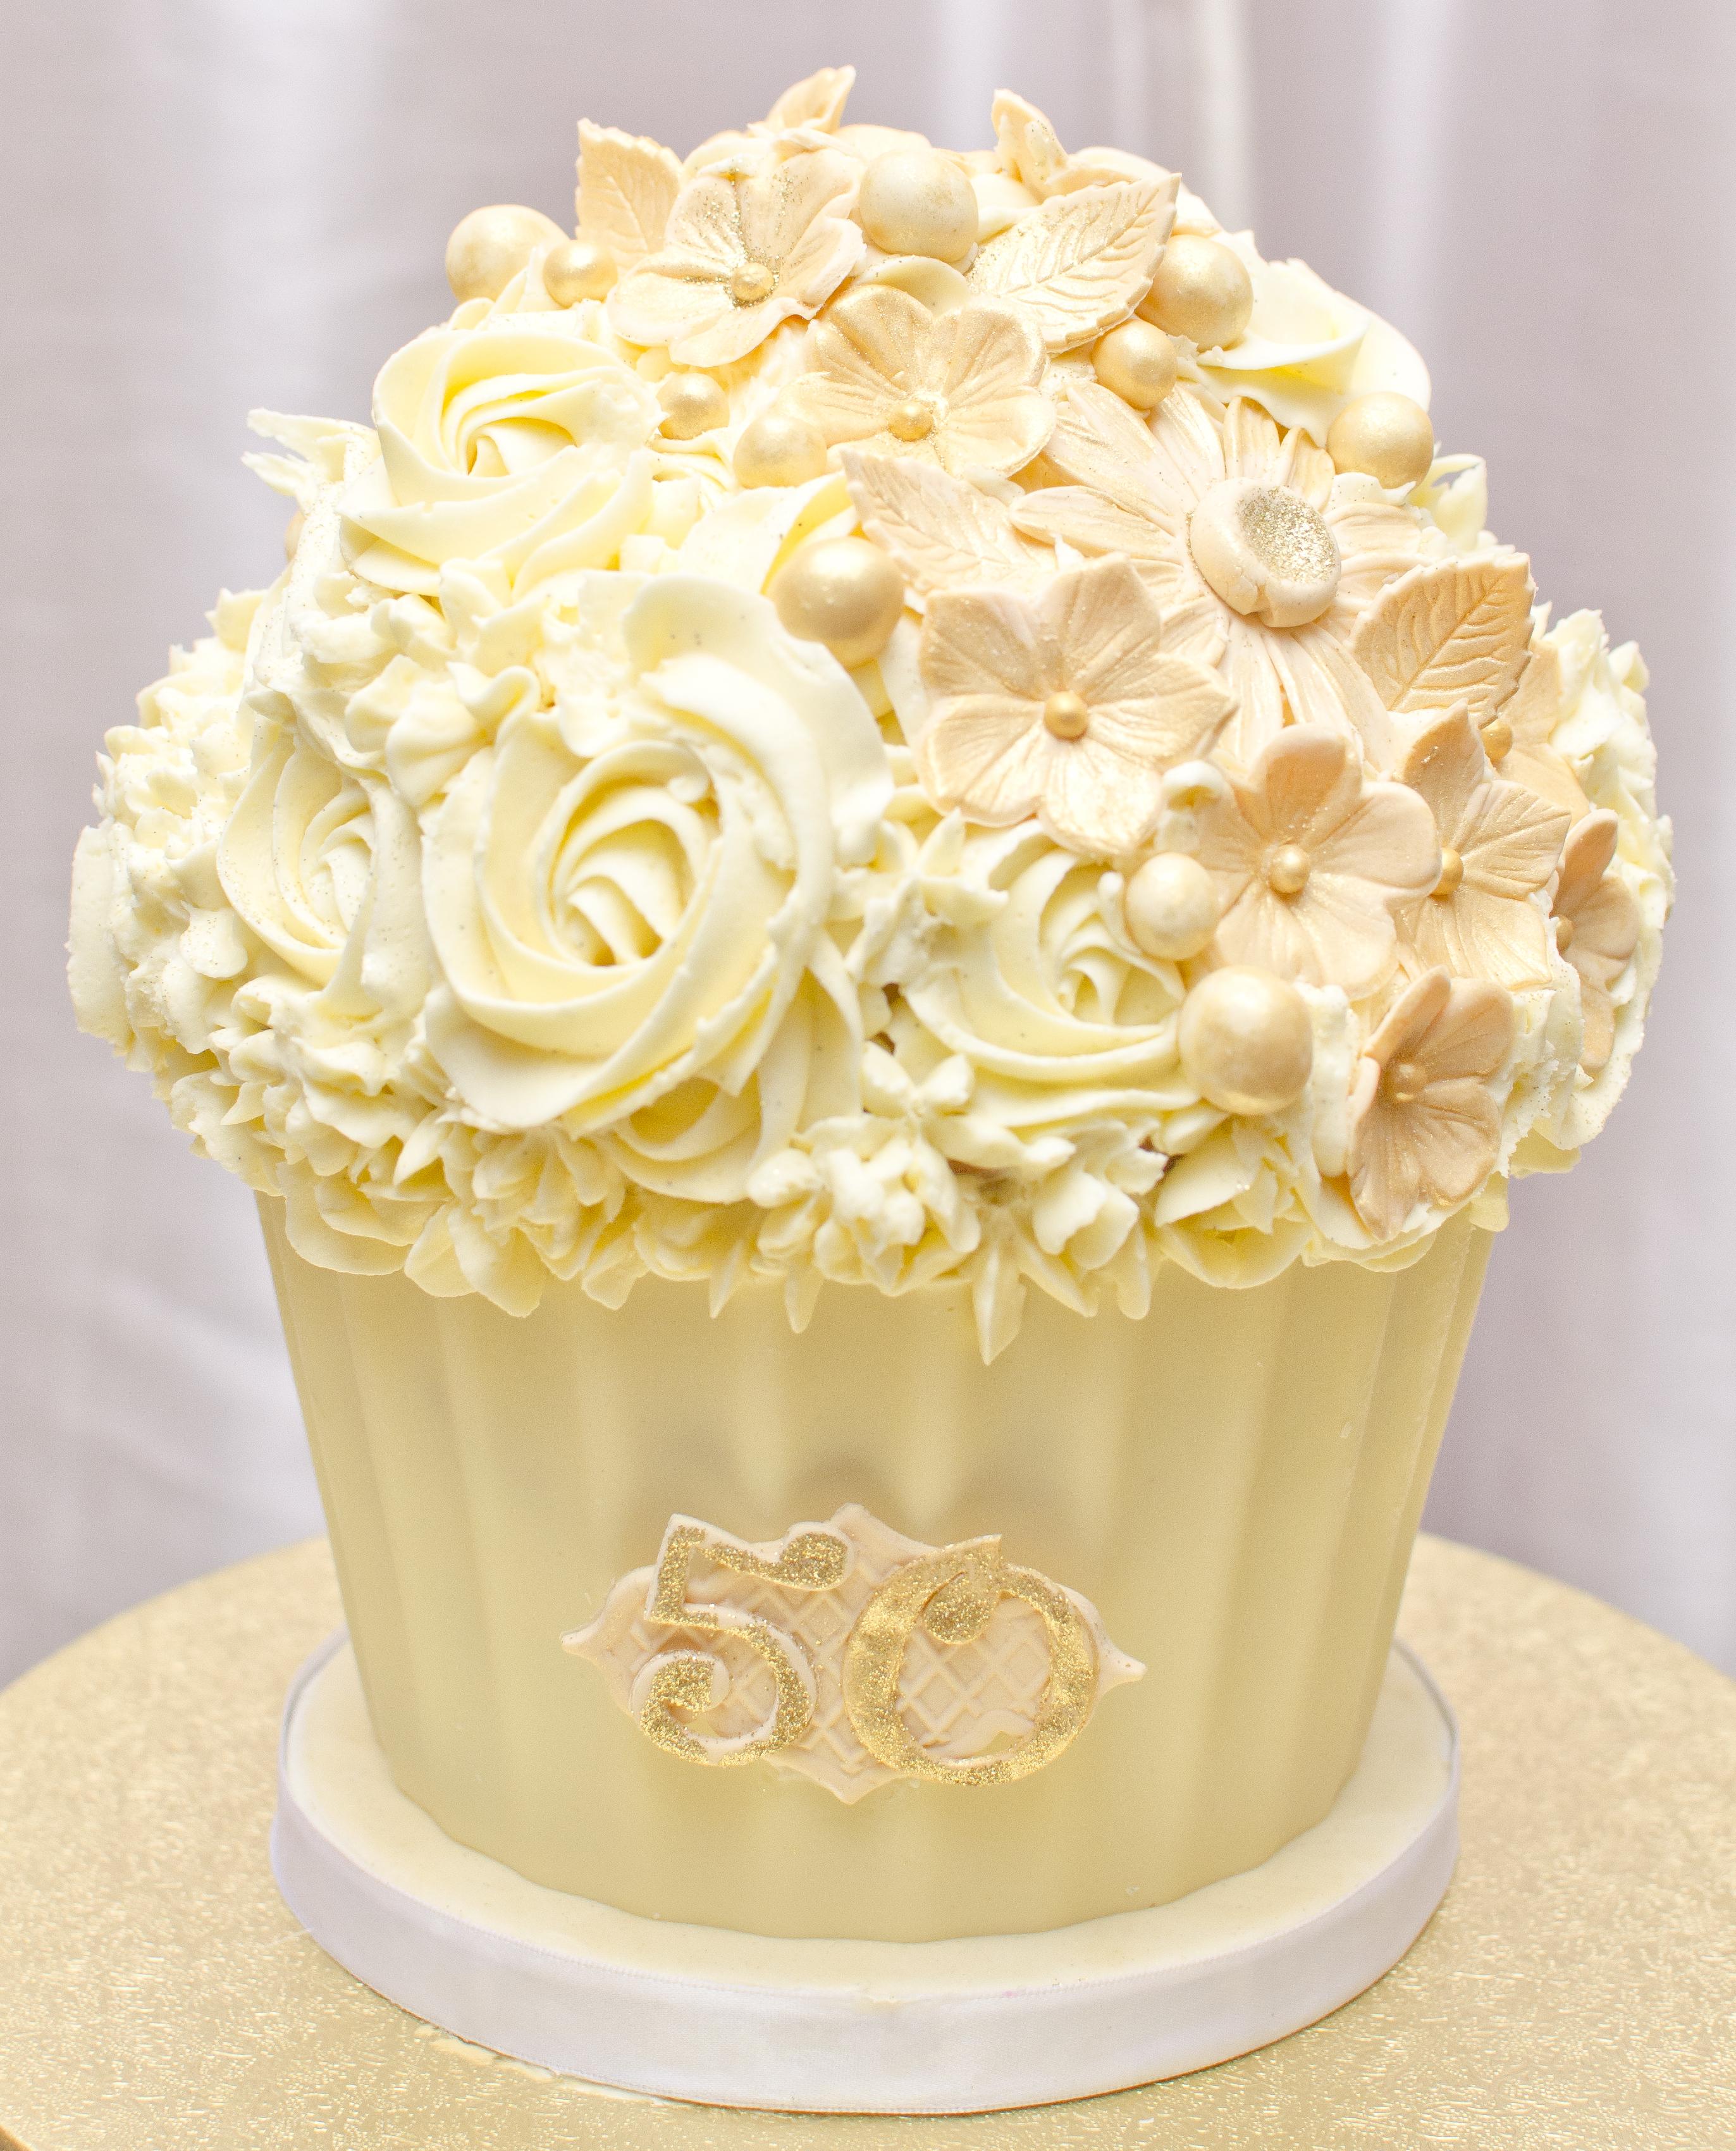 Anniversary Giant Cupcake Cake